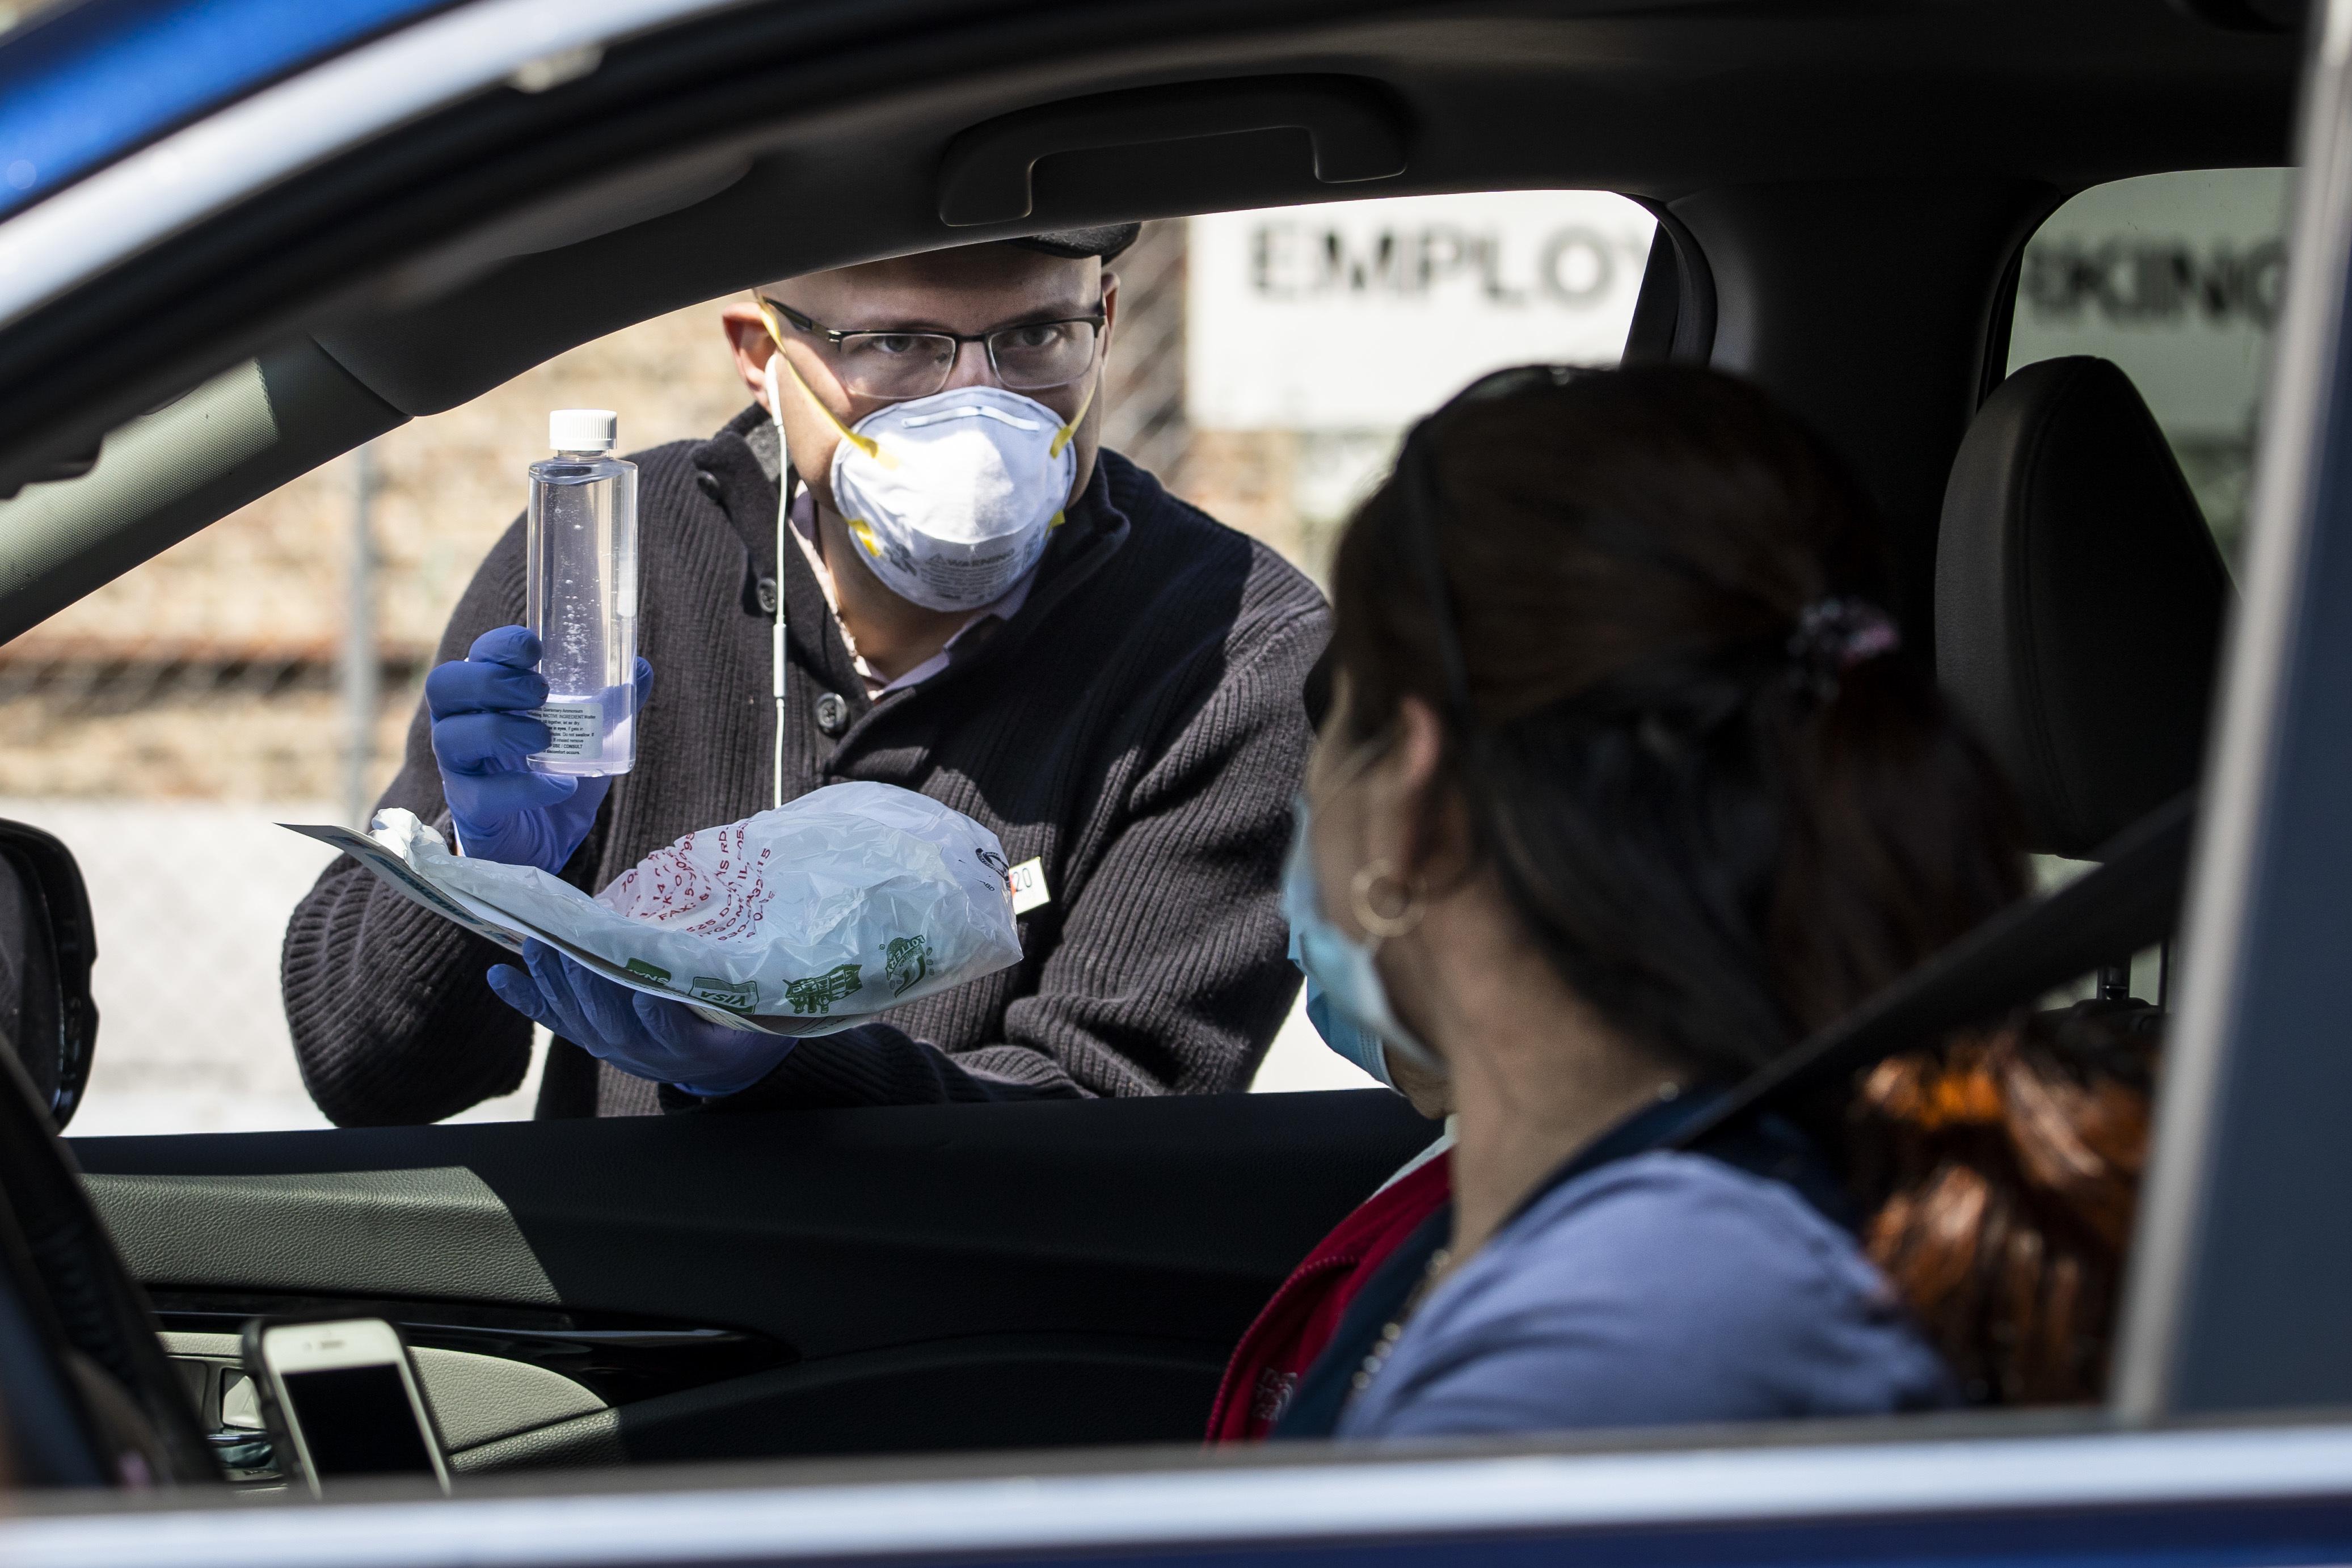 El concejal Mike Rodríguez (22) entregó bolsas de plástico que contenían cubrebocas y gel desinfectante.